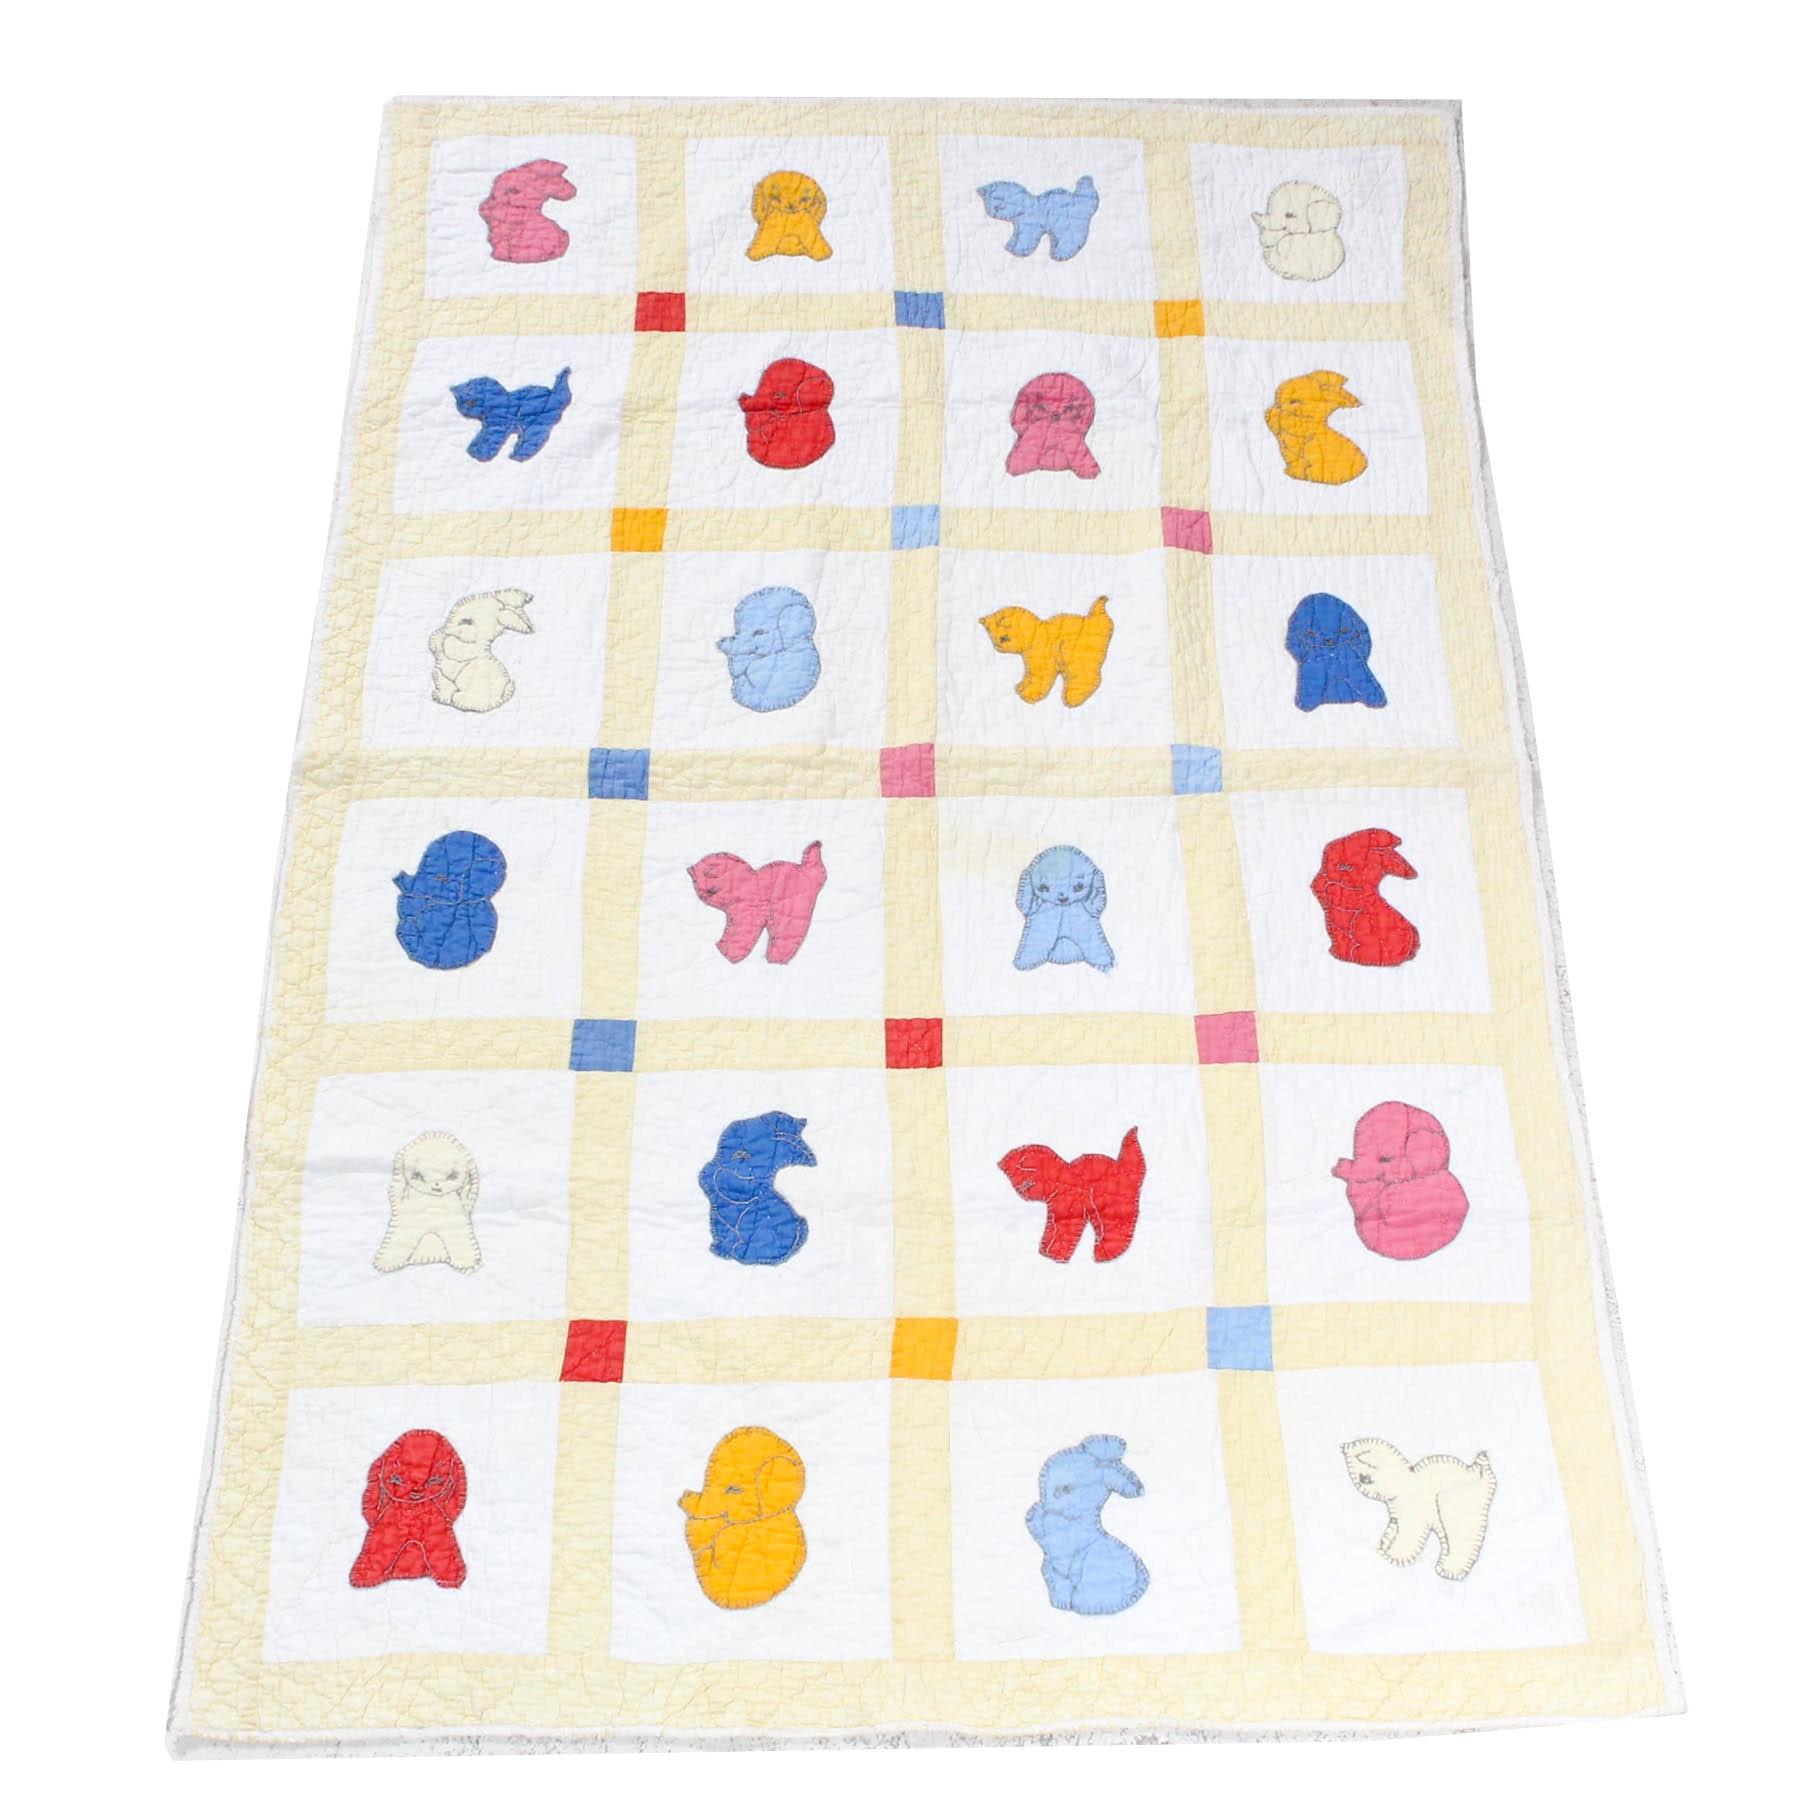 Vintage Appliqued Animals Cotton Crib Quilt